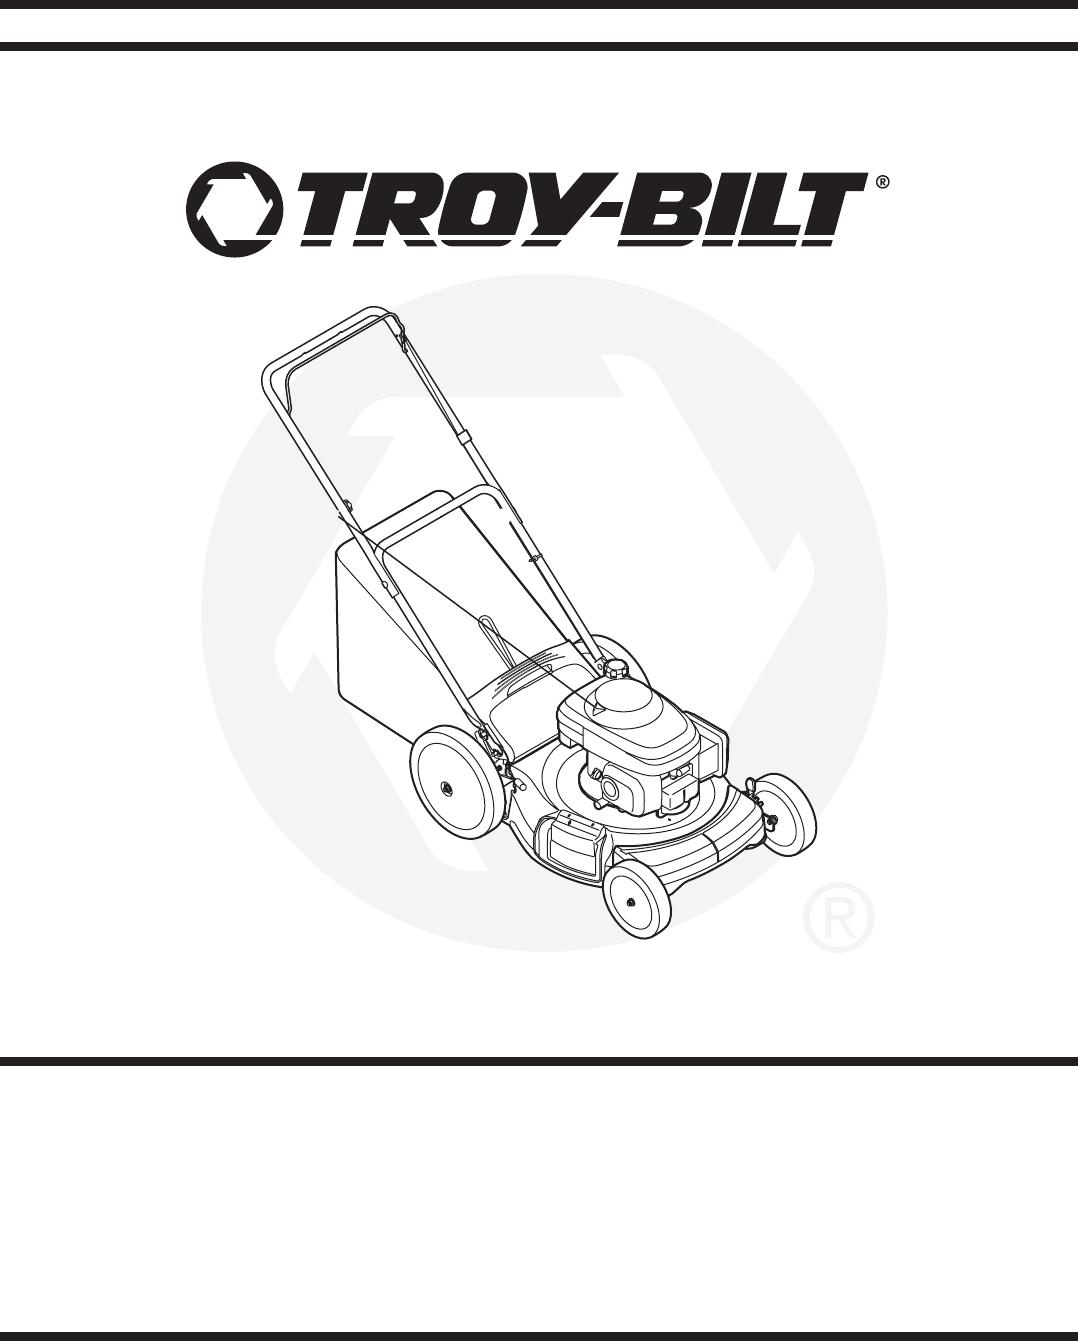 Troy Bilt Lawn Mower 540 User Guide